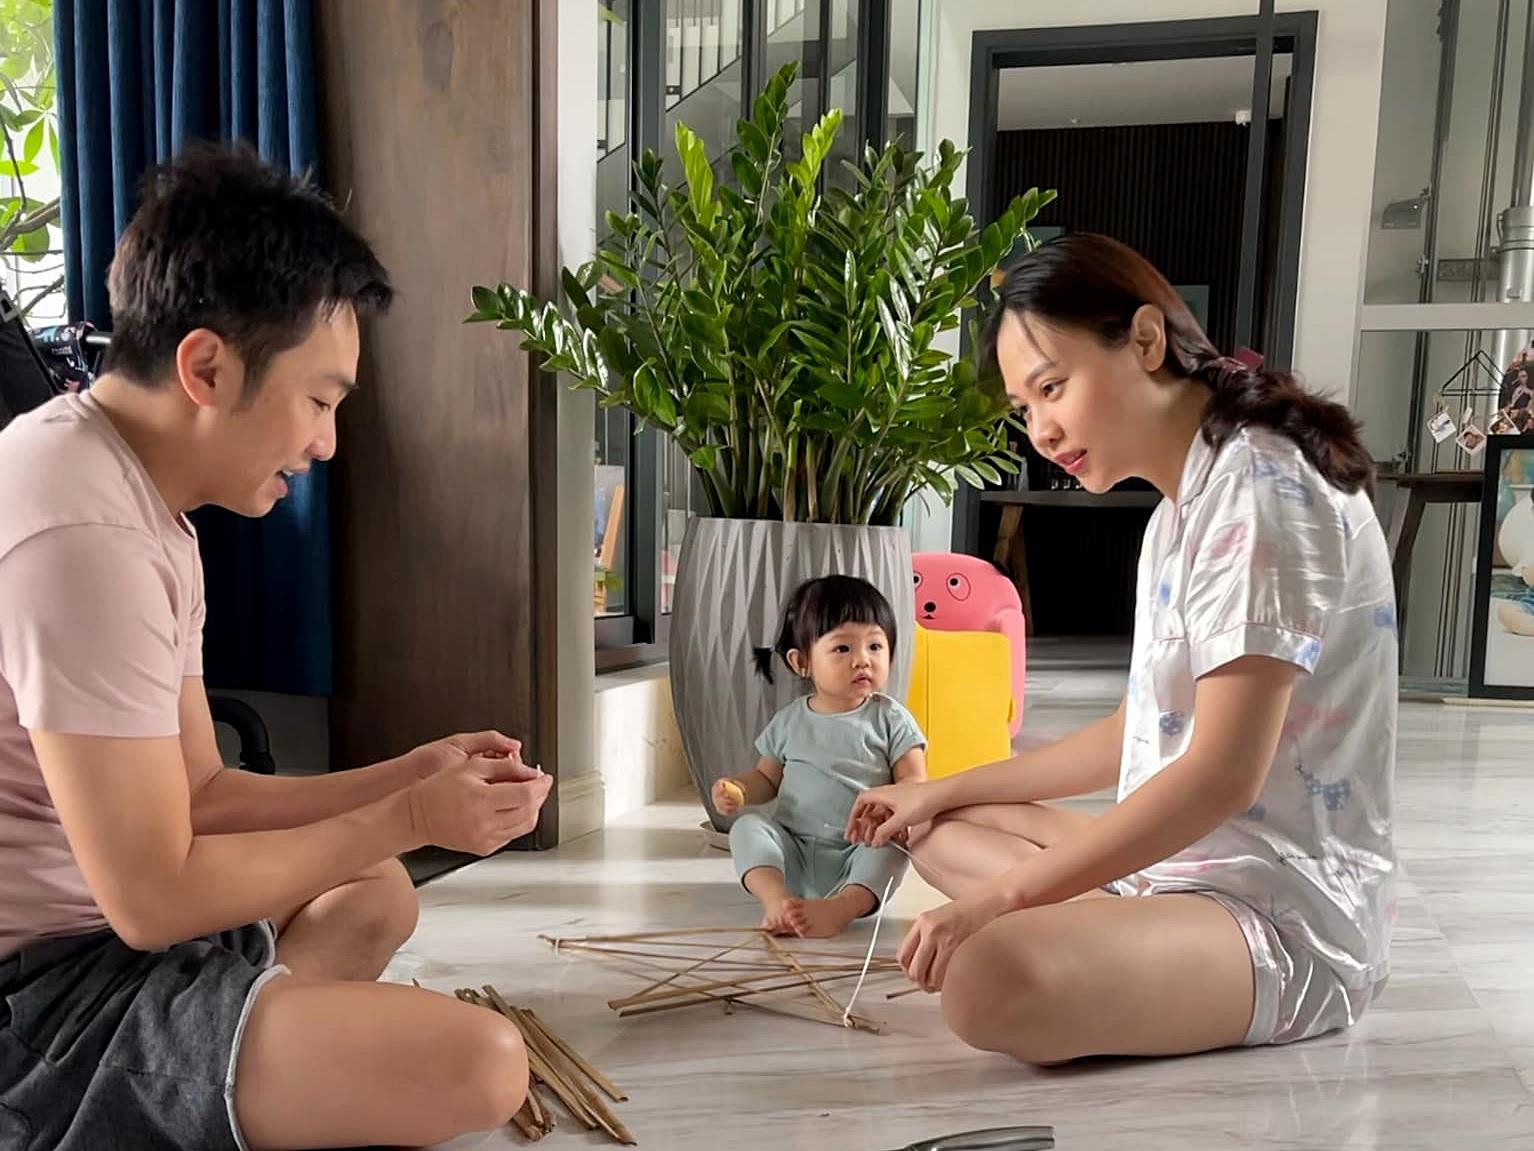 Nam doanh nhân tạm gác công việc, cùng bà xã Đàm Thu Trang mày mò làm đồ chơi cho Suchin. Dù là một gia đình giàu có, Cường Đôla muốn con gái lớn lên đúng tuổi thơ với những món đồ chơi truyền thống, giản dị.